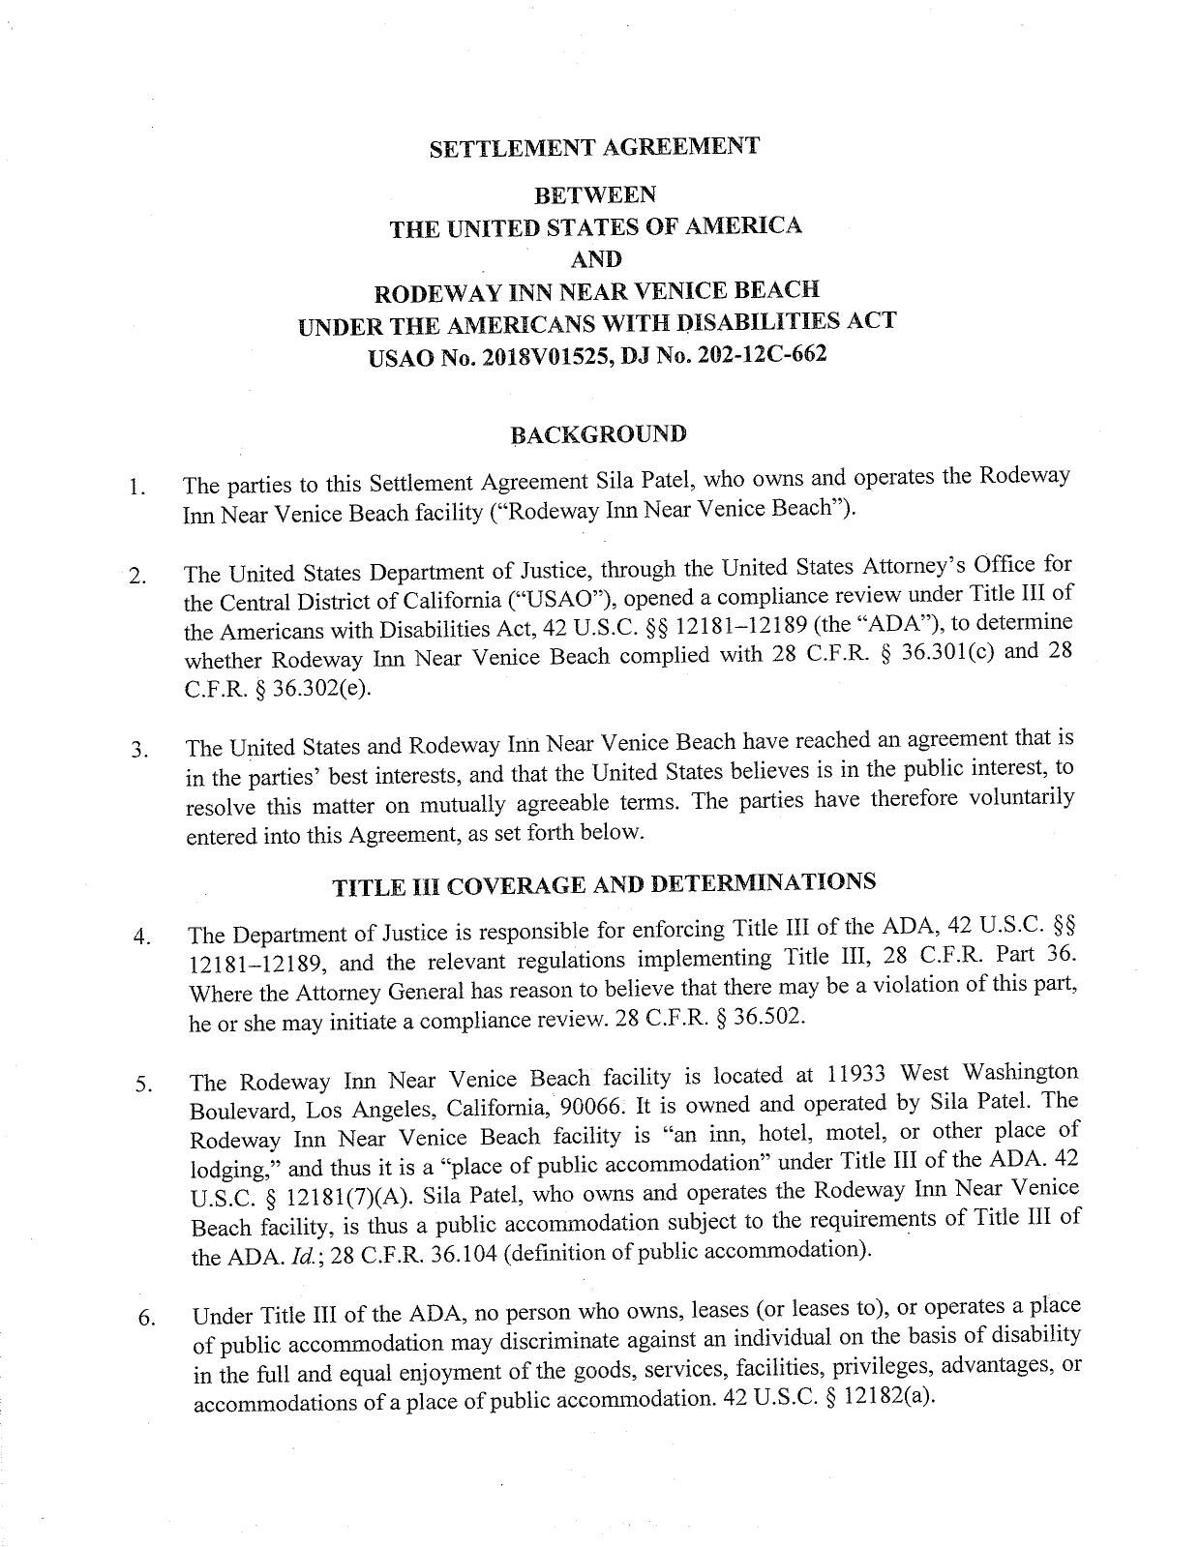 ADA settlement for Rodeway Inn